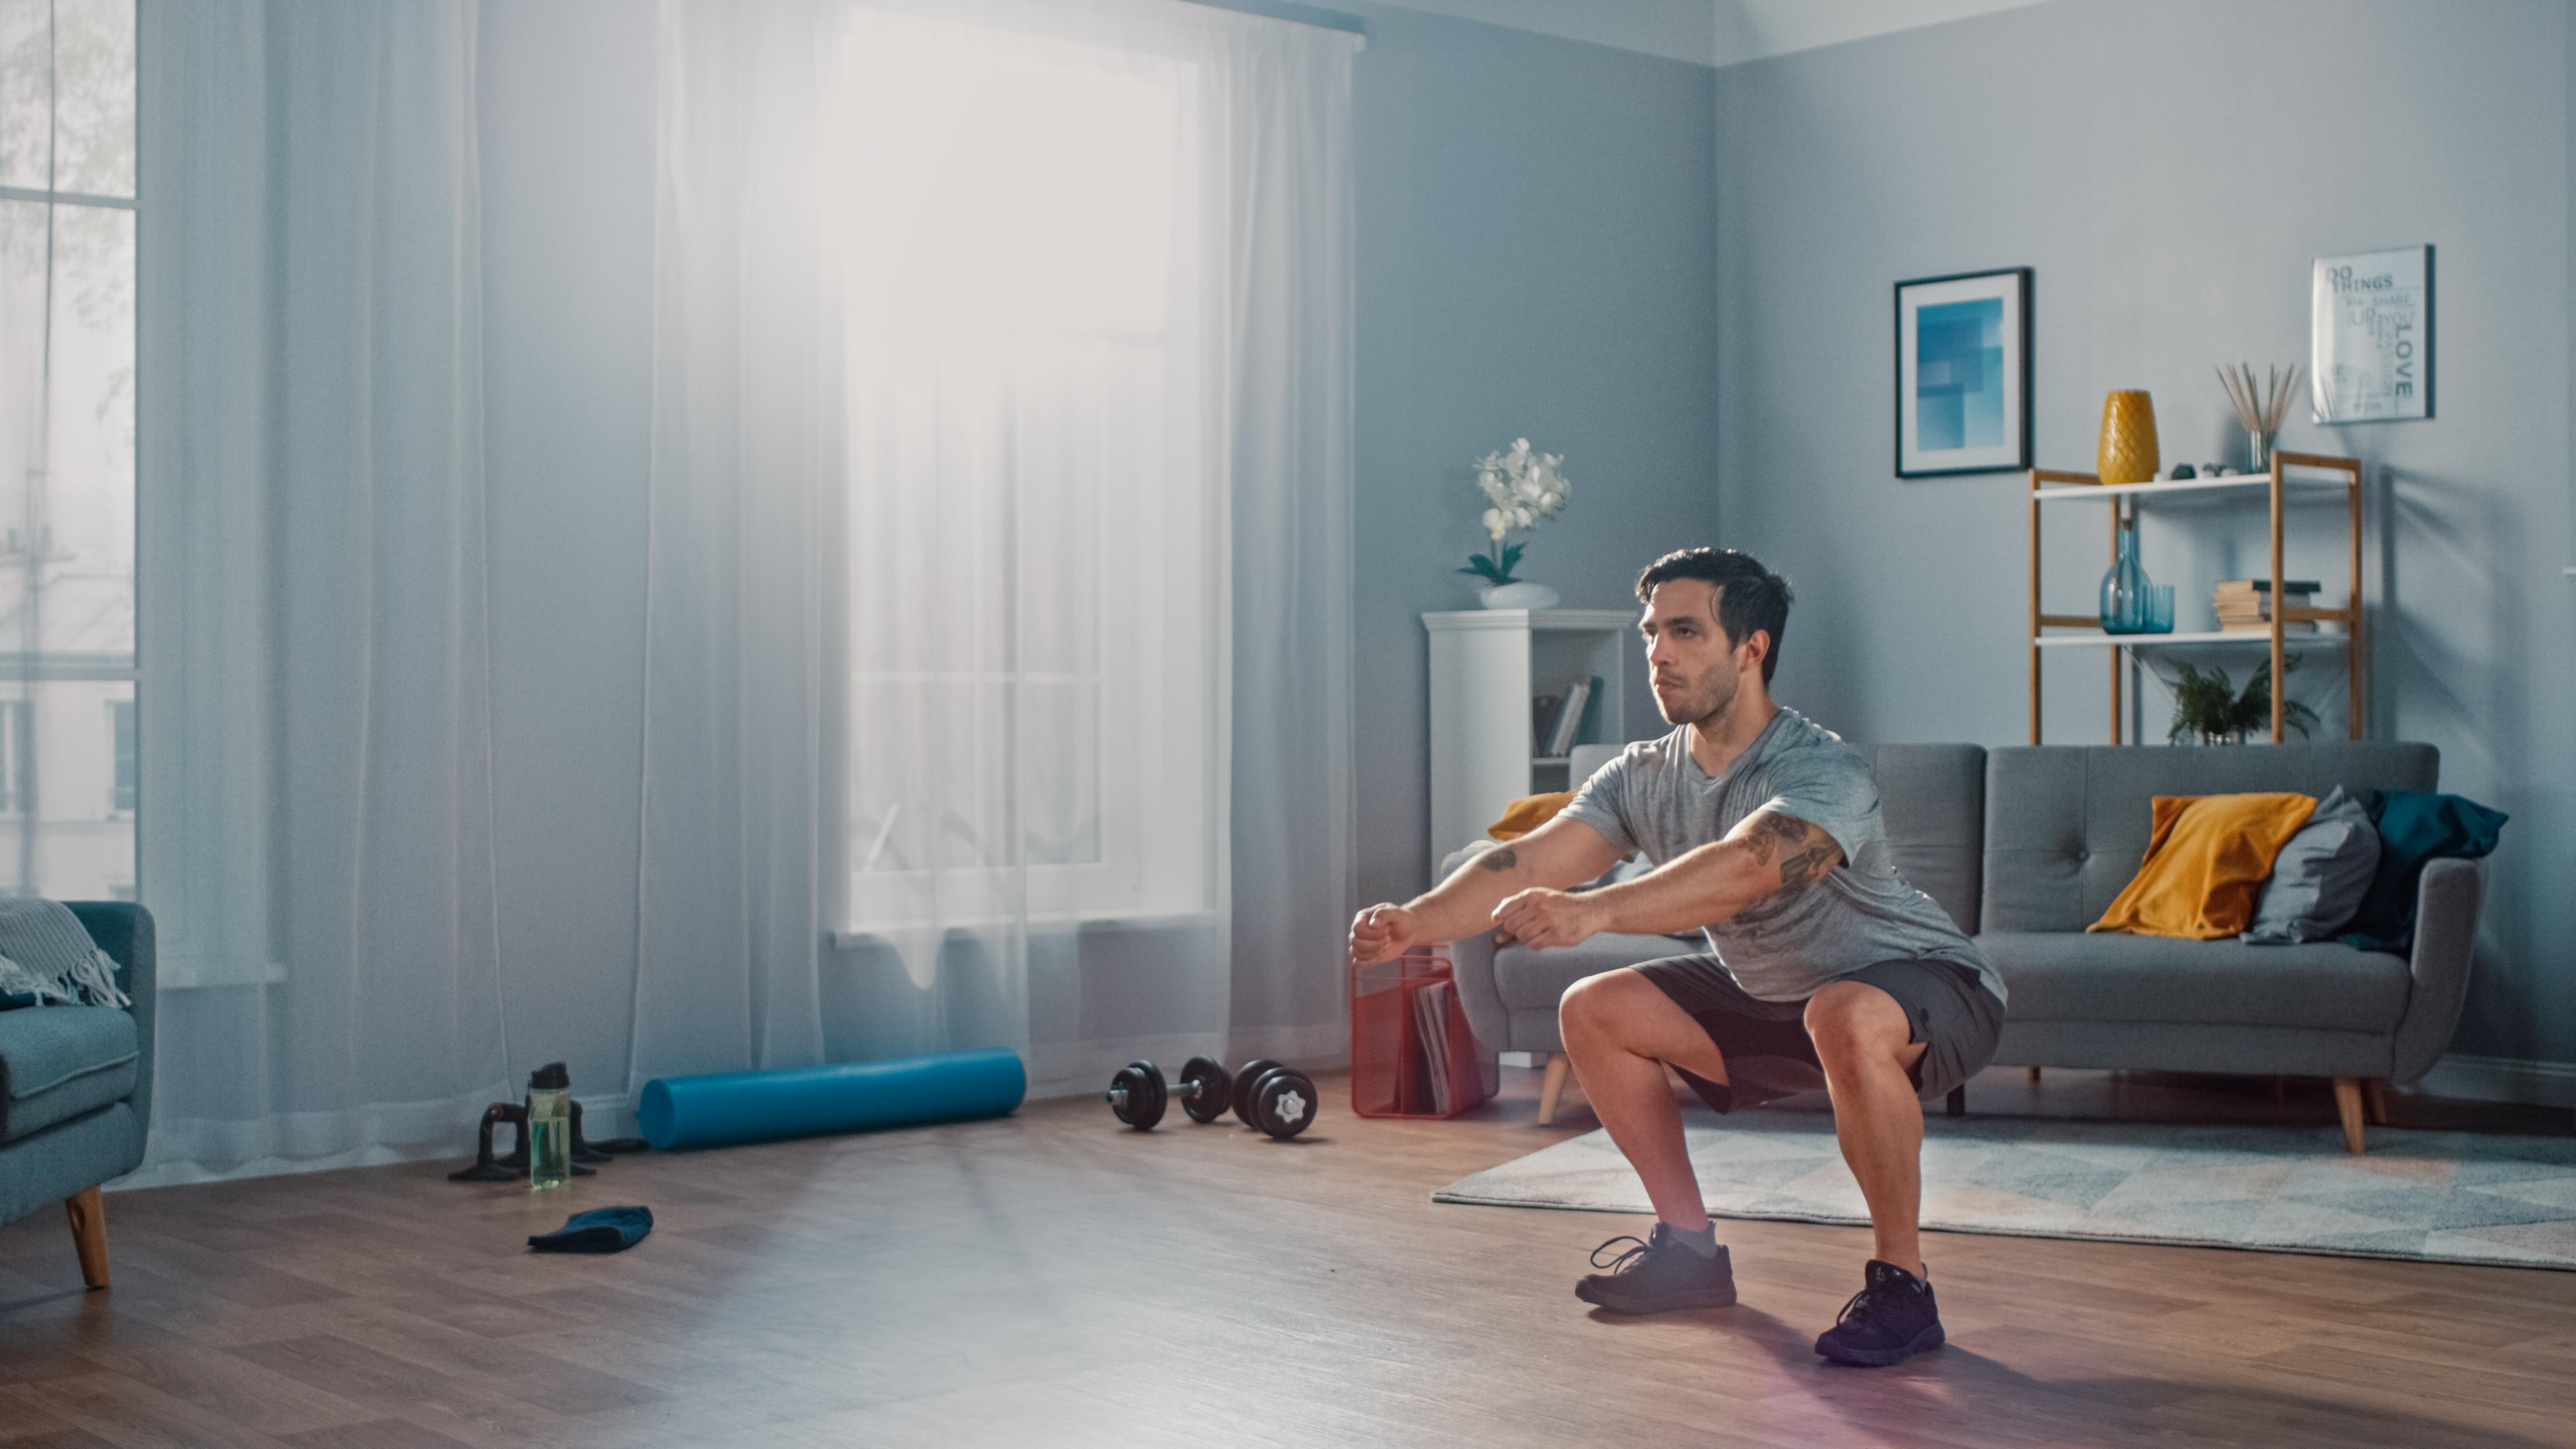 Less injuries through more training